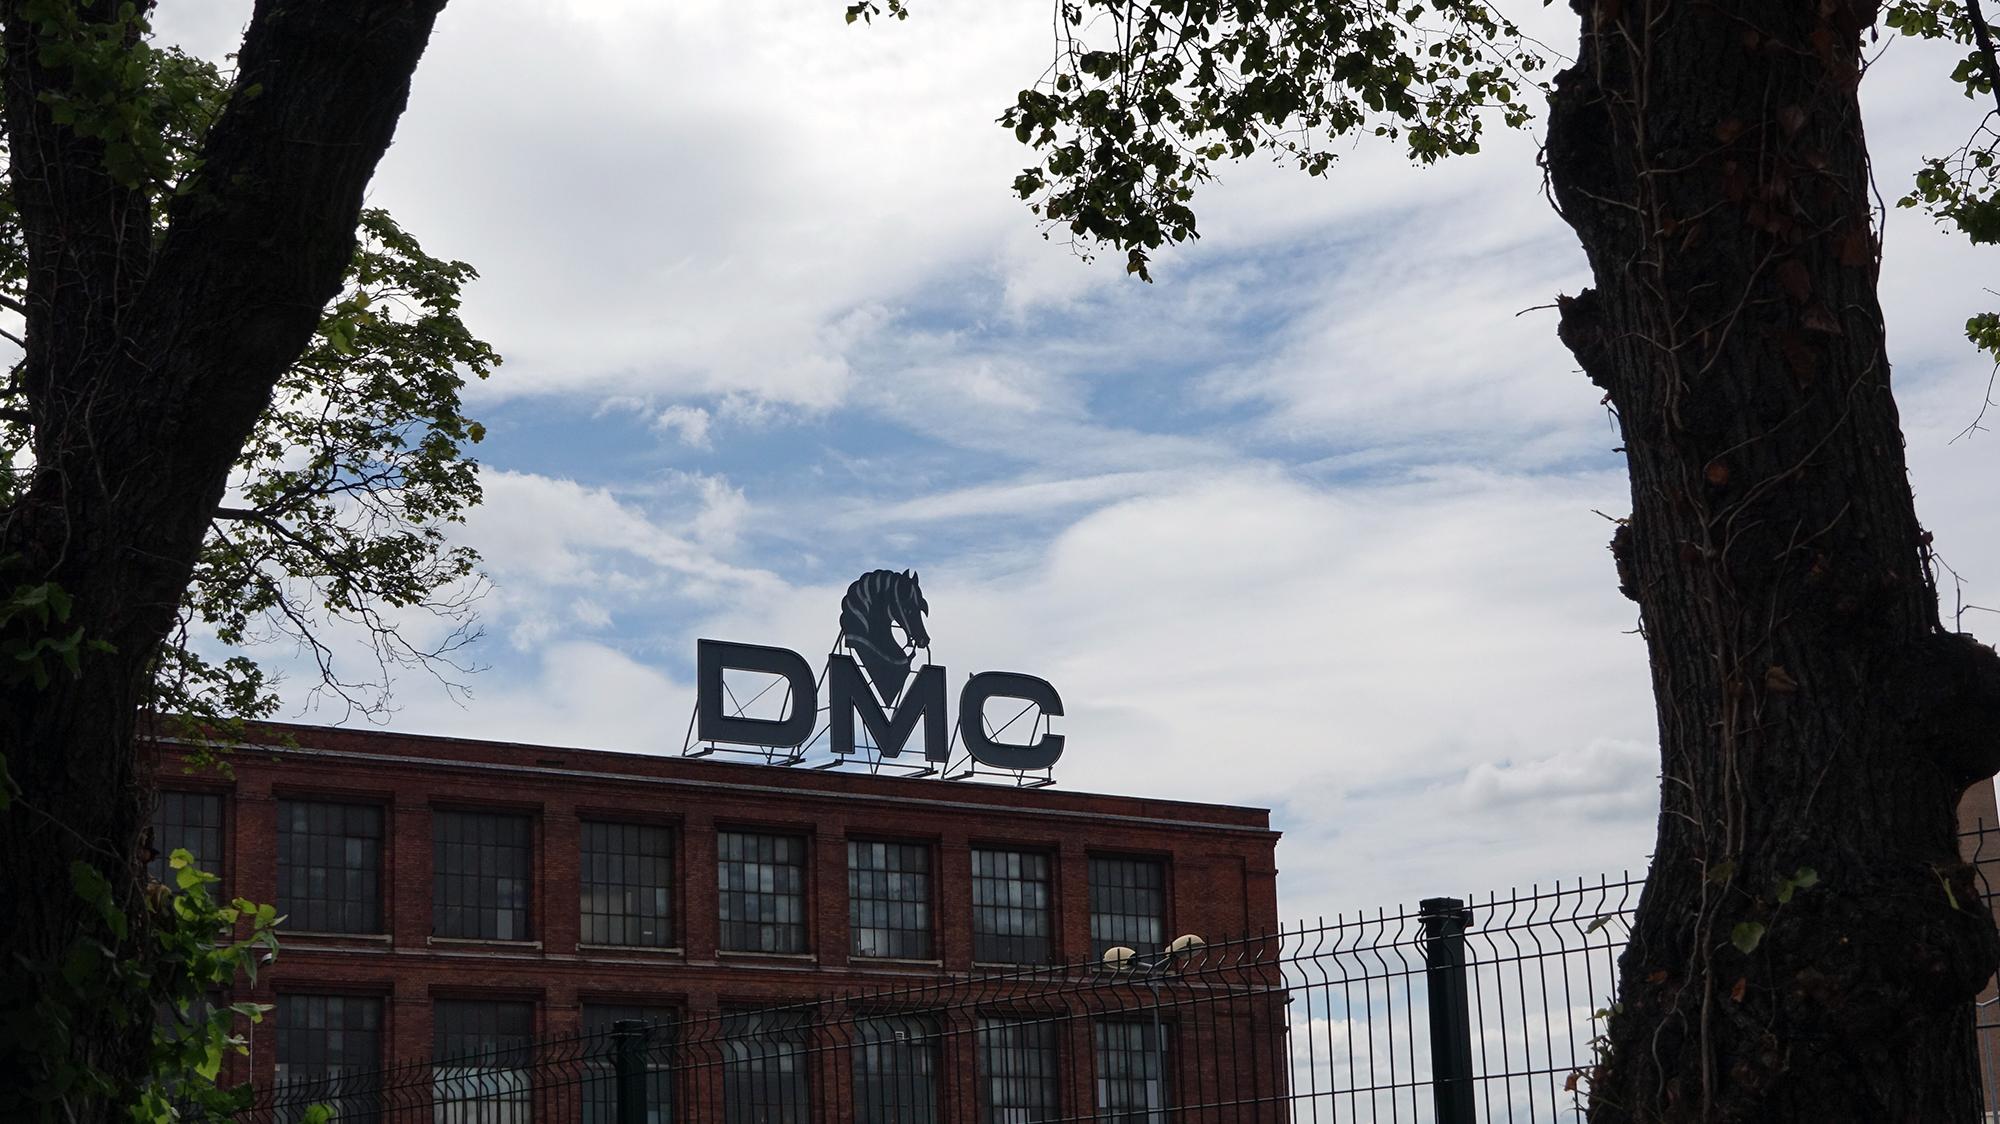 Mulhouse war einst eine sehr bedeutende Industriestadt, die Textilfirma DMC ein wichtiges Zugpferd.